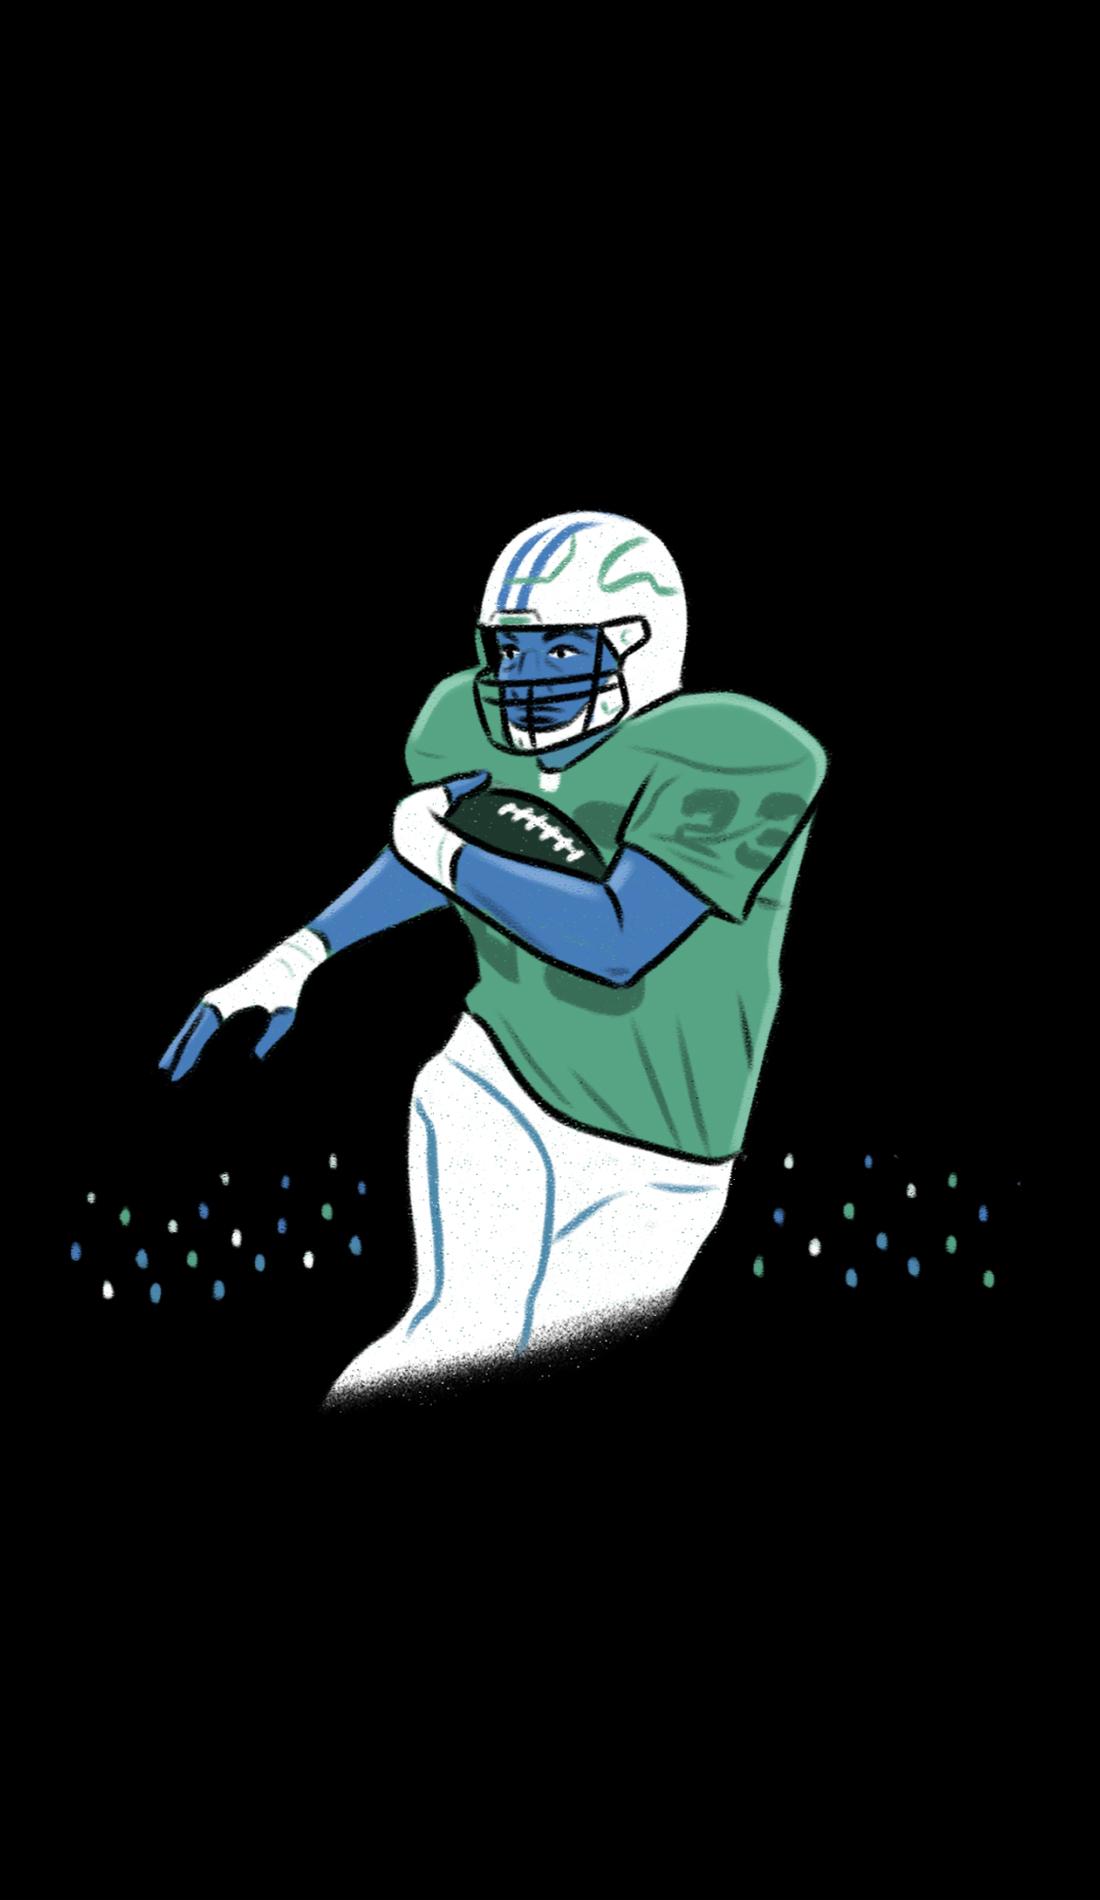 A Texas Bowl live event